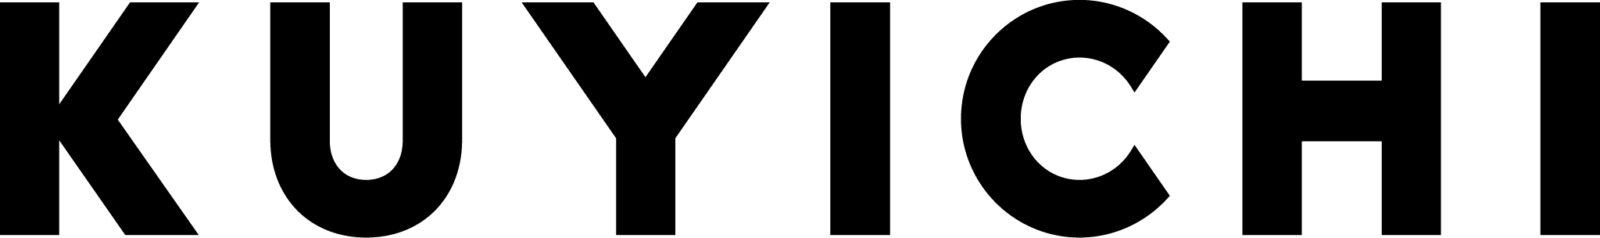 Kuyichi logo